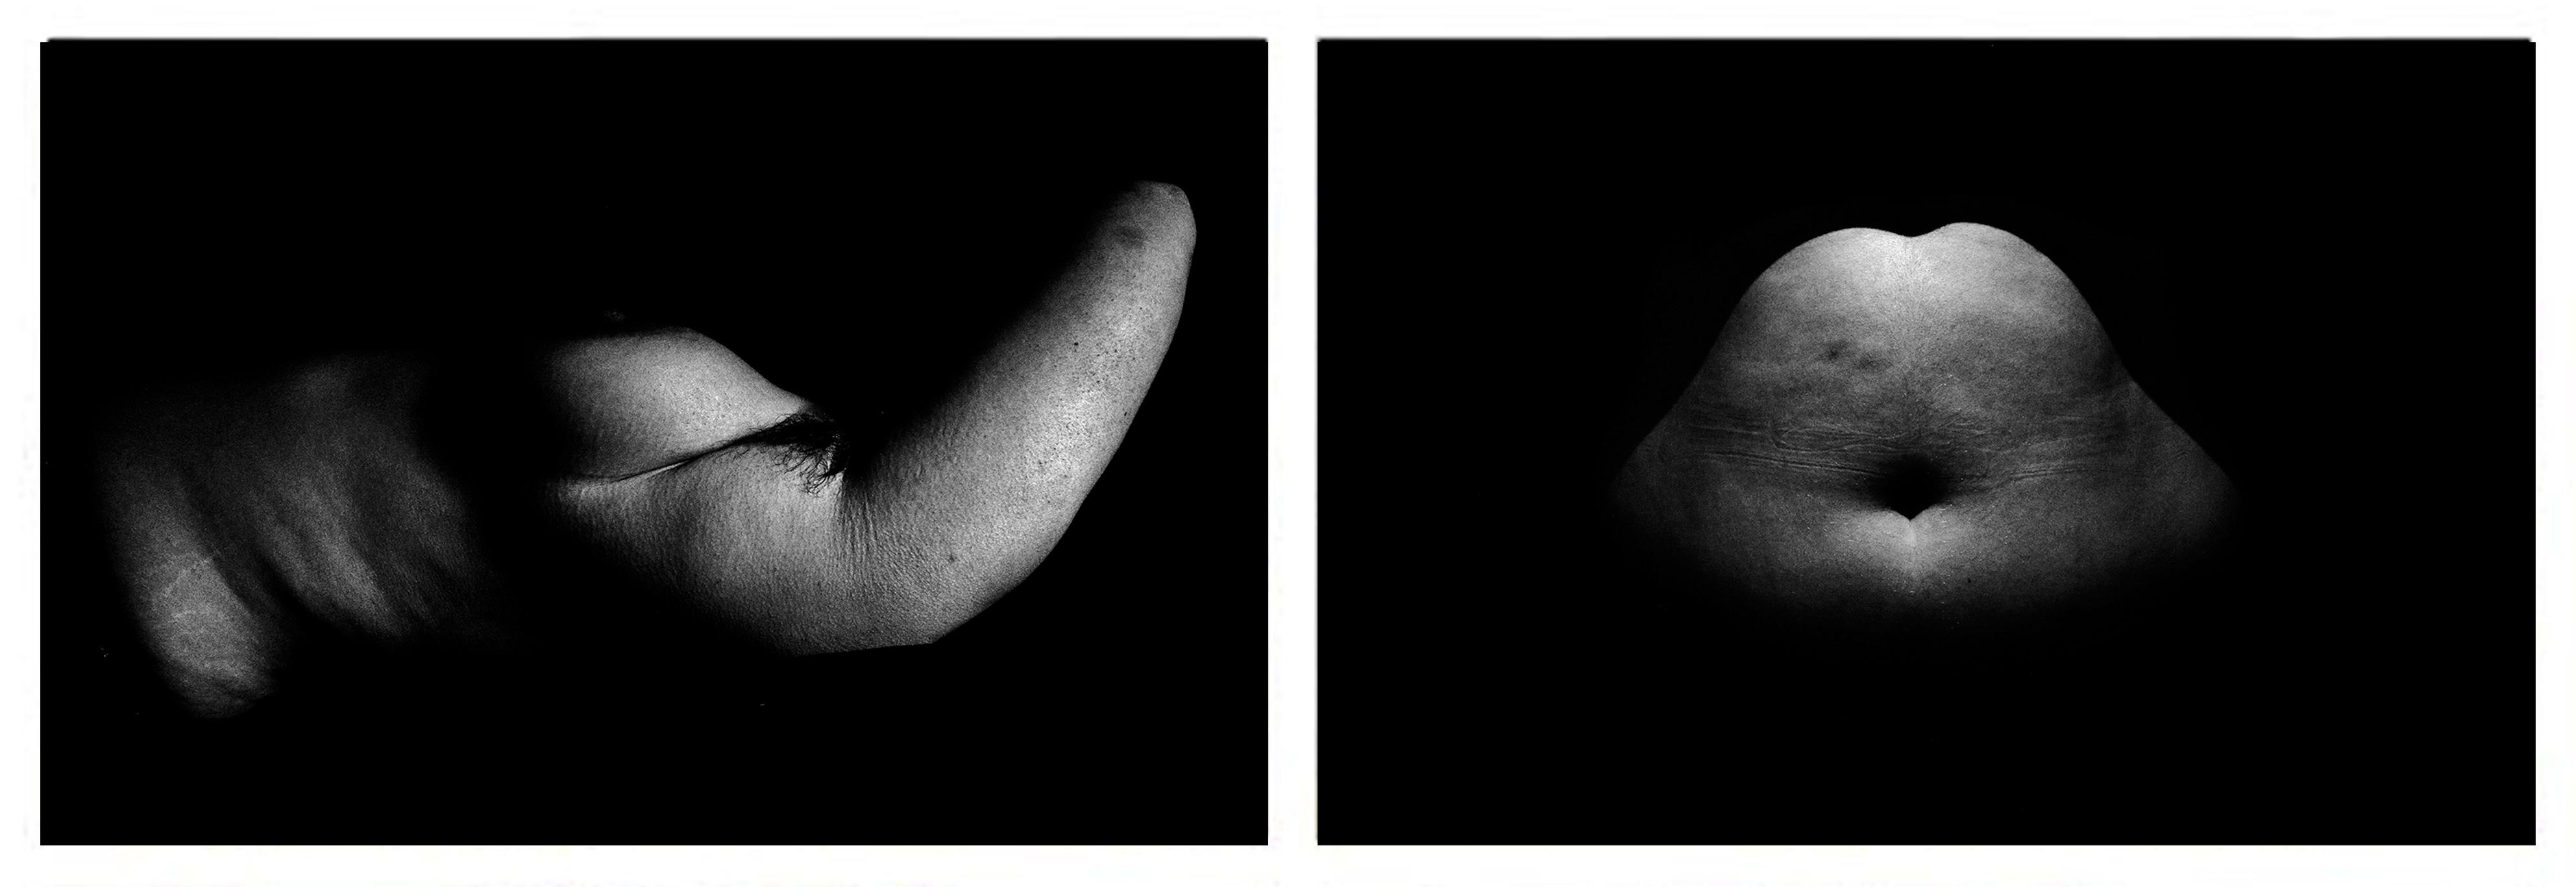 Μακρύ μαύρο pron